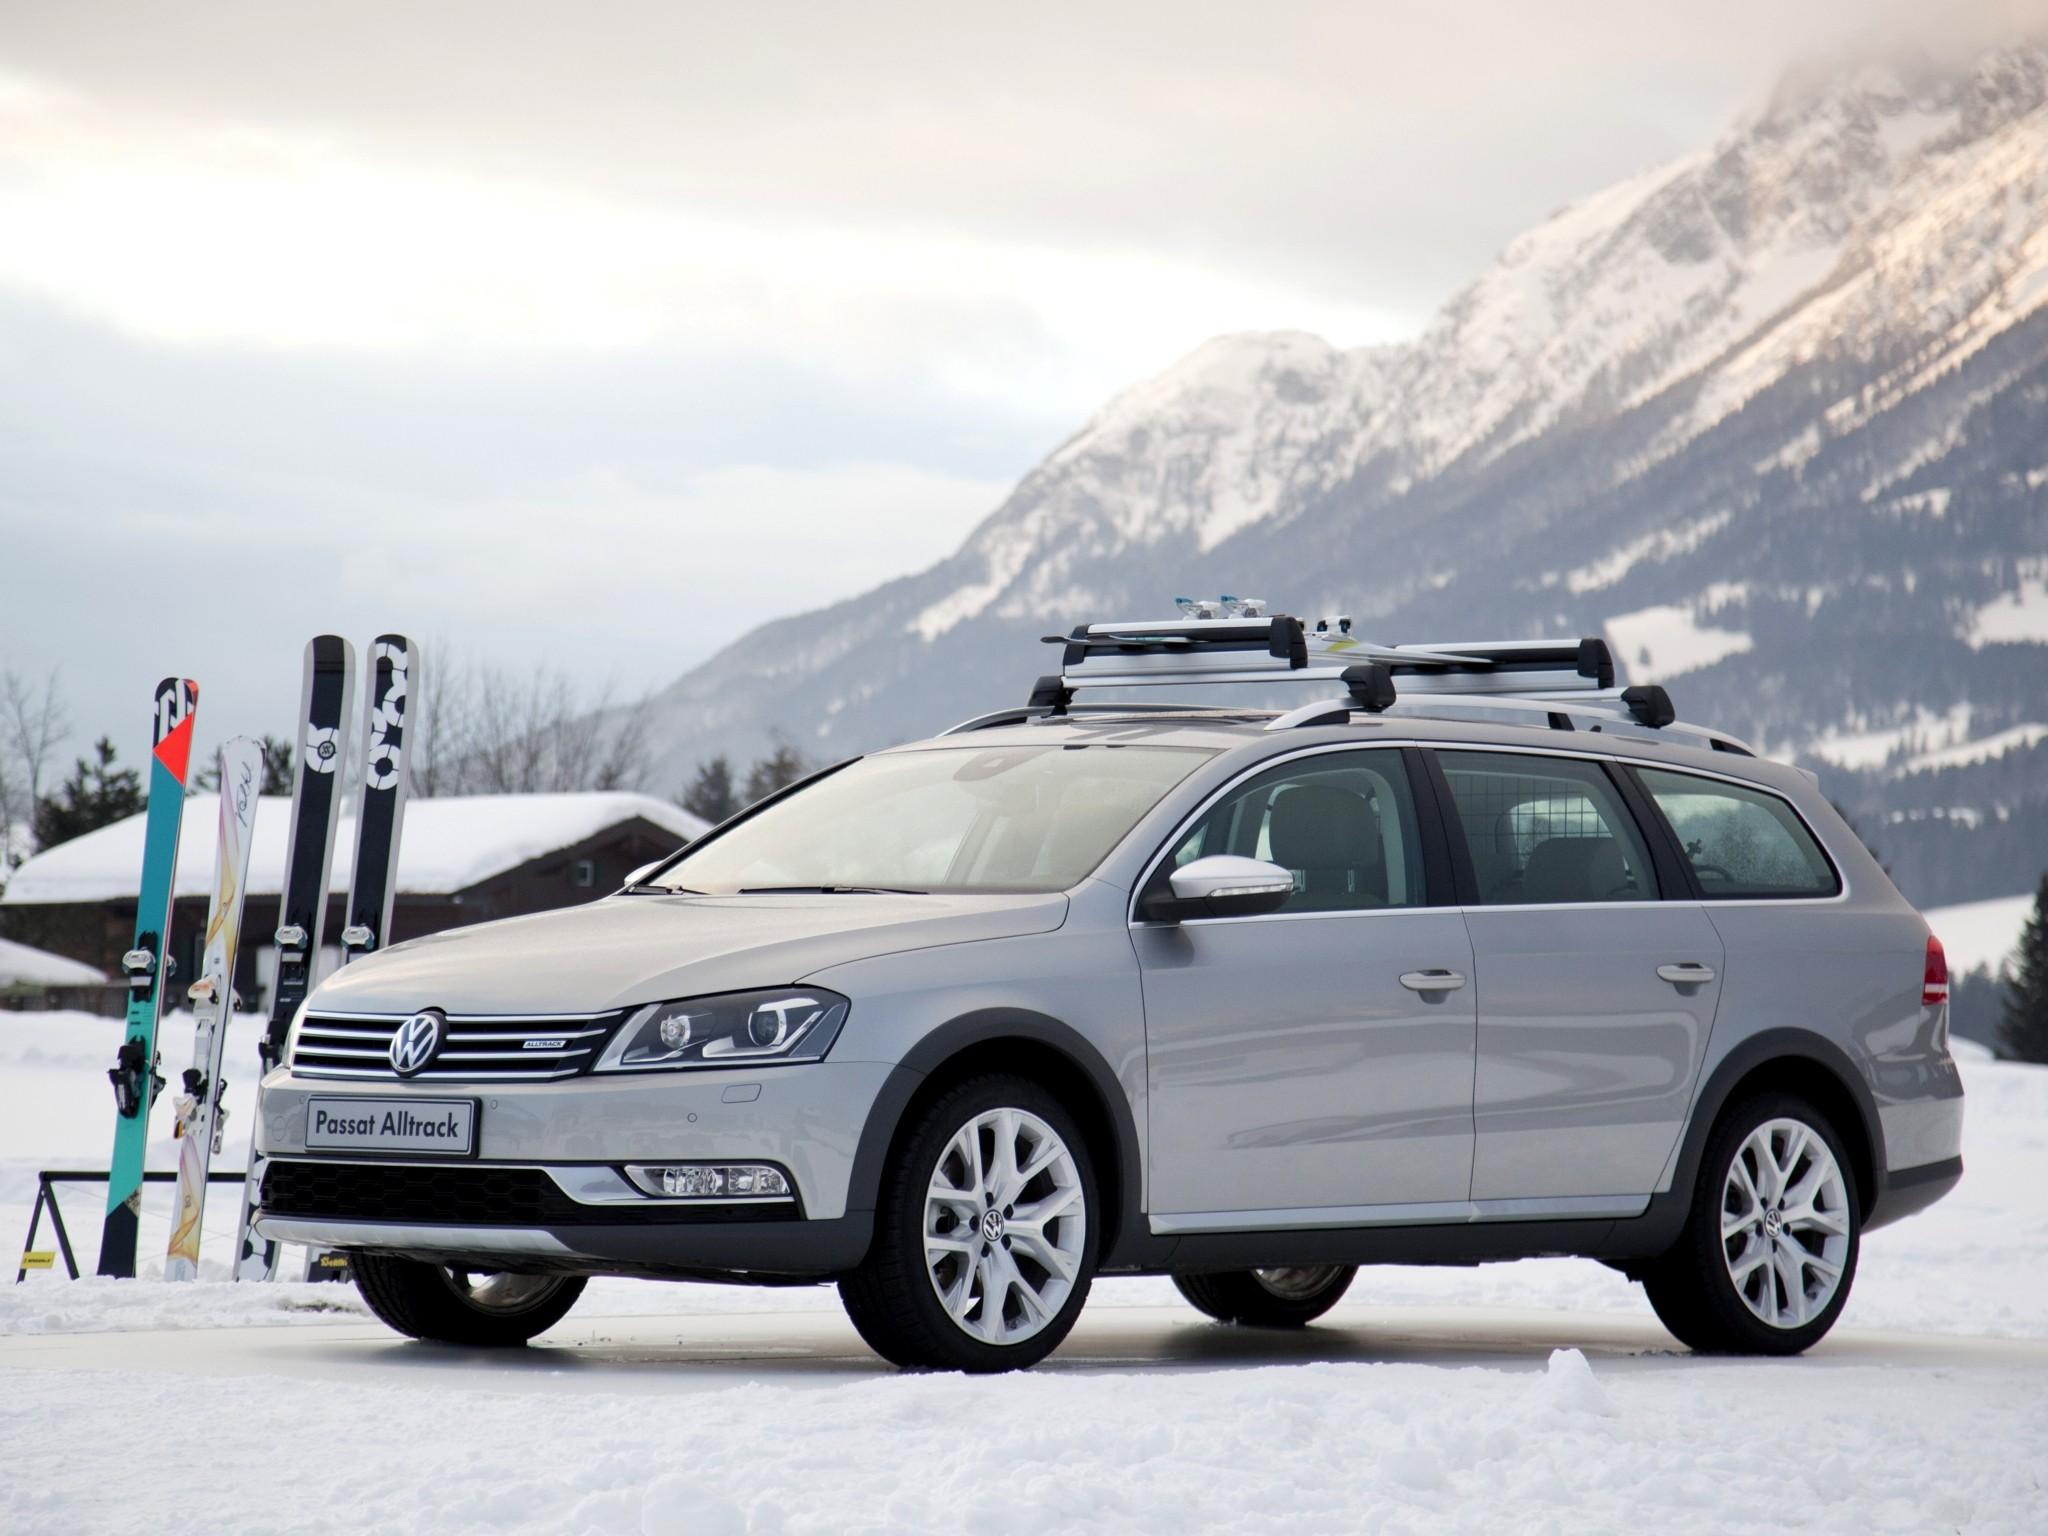 Volkswagen Passat Alltrack 2012 2013 2014 2015